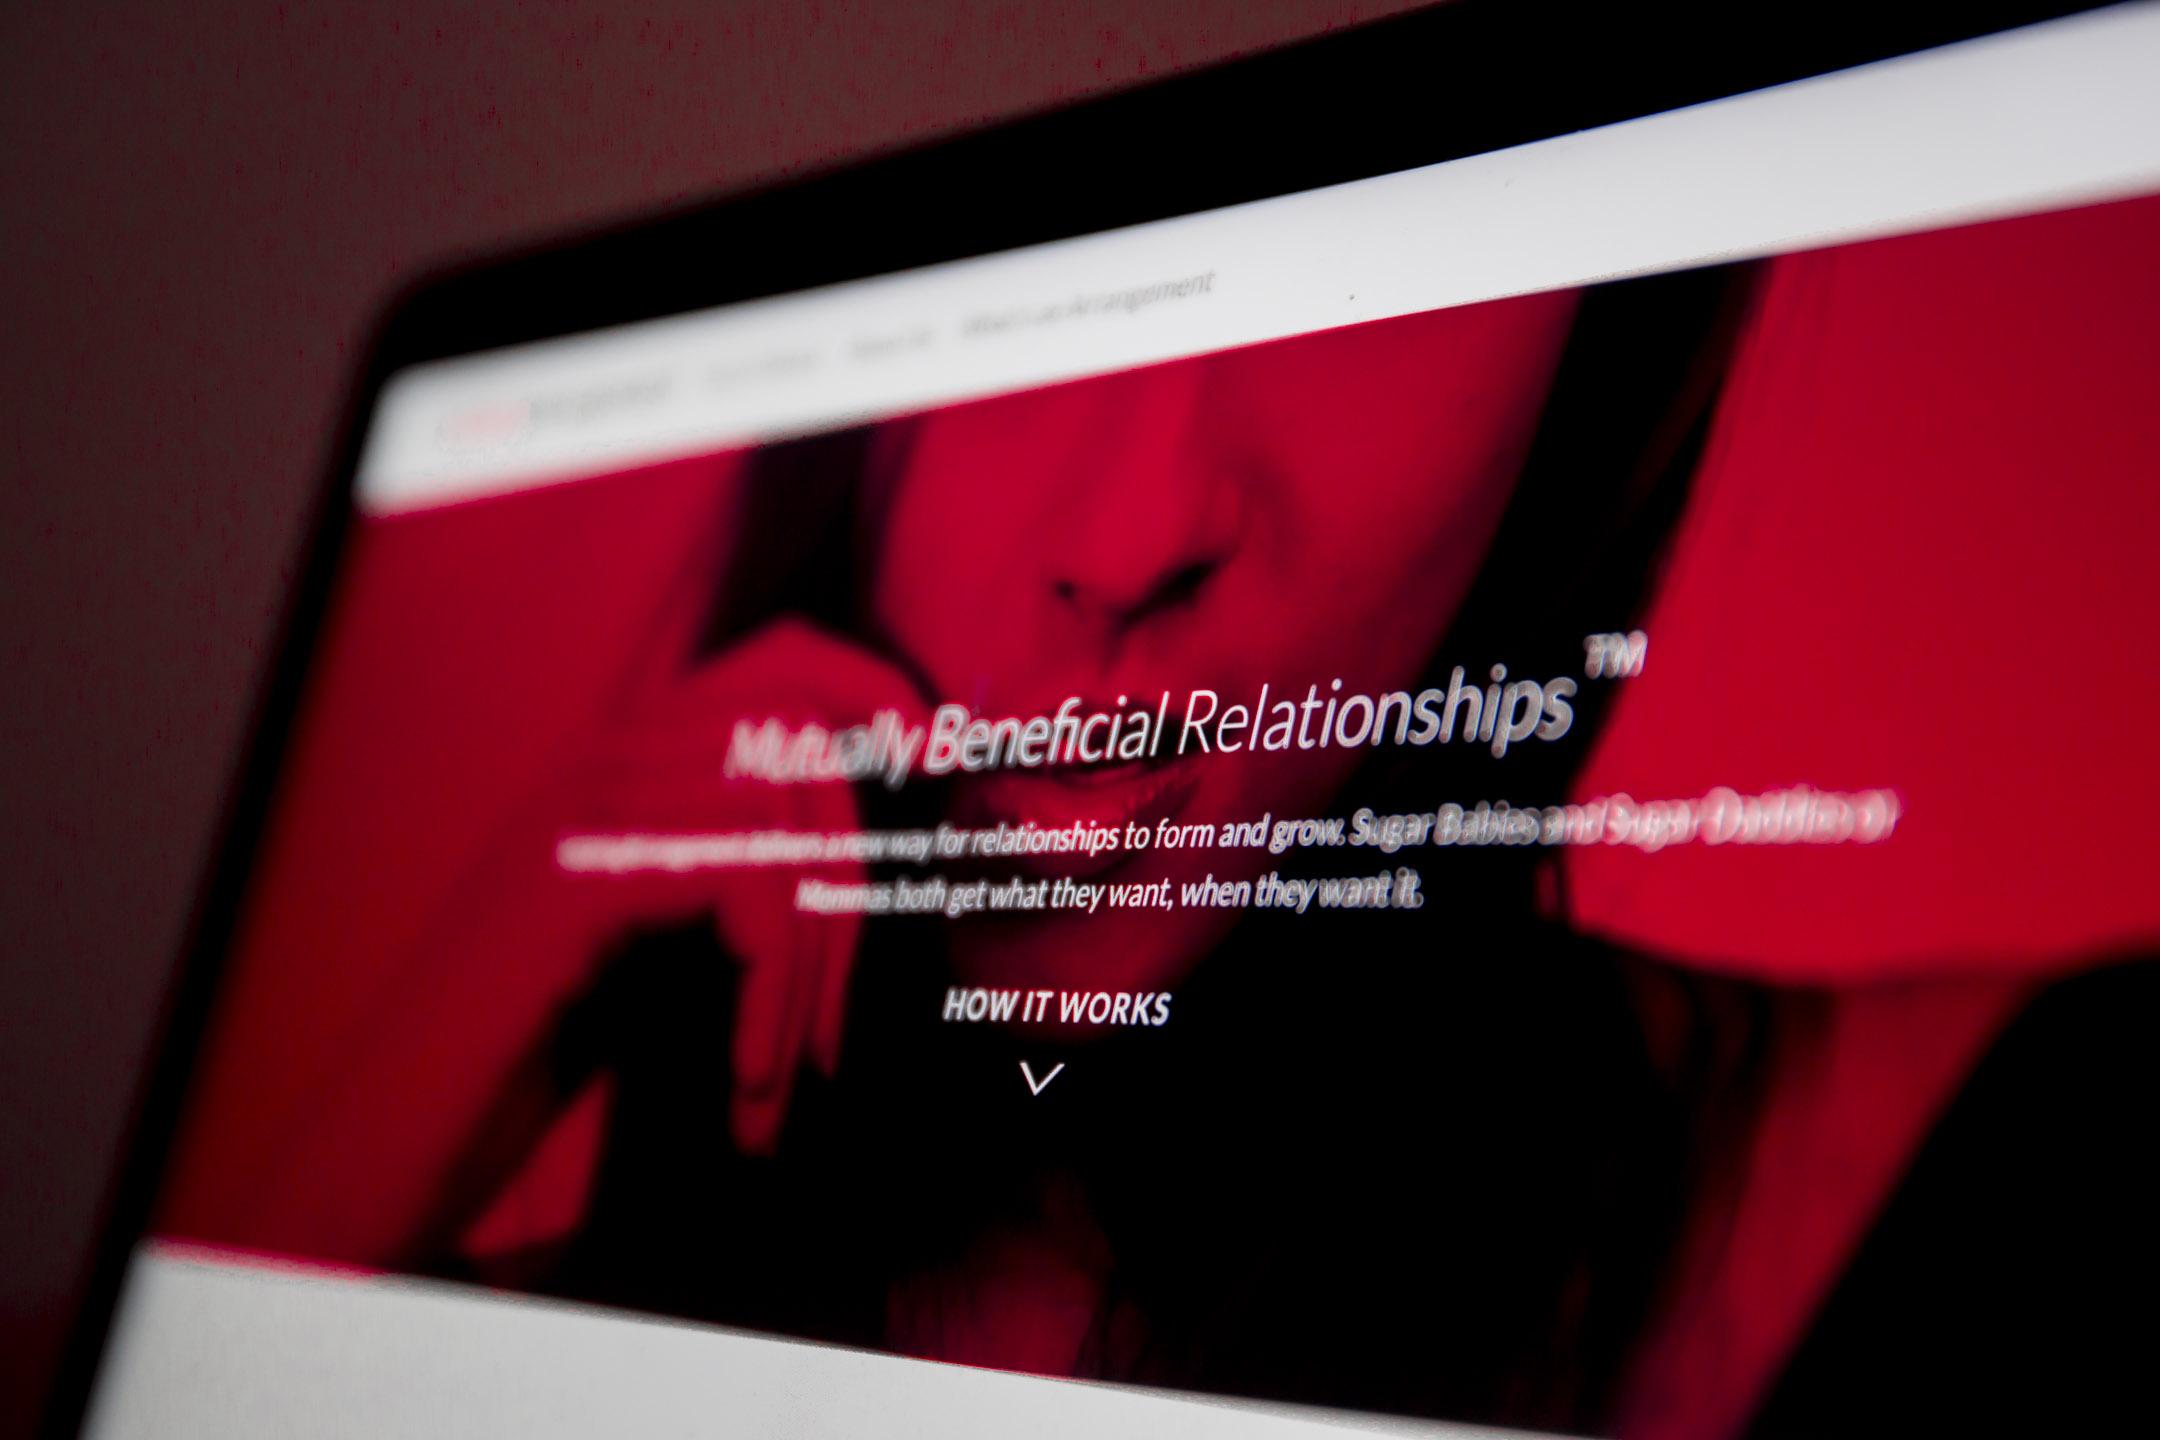 在一個名叫「Seeking Arrangement」的網站上,人們通過系統匹配互相「seek」與「arrange」性伴侶。然而,「當金錢牽扯進去後,你永遠無法預計事情會變成什麼樣」,網站的十八歲用戶——Vera這樣說。 攝:林振東/端傳媒